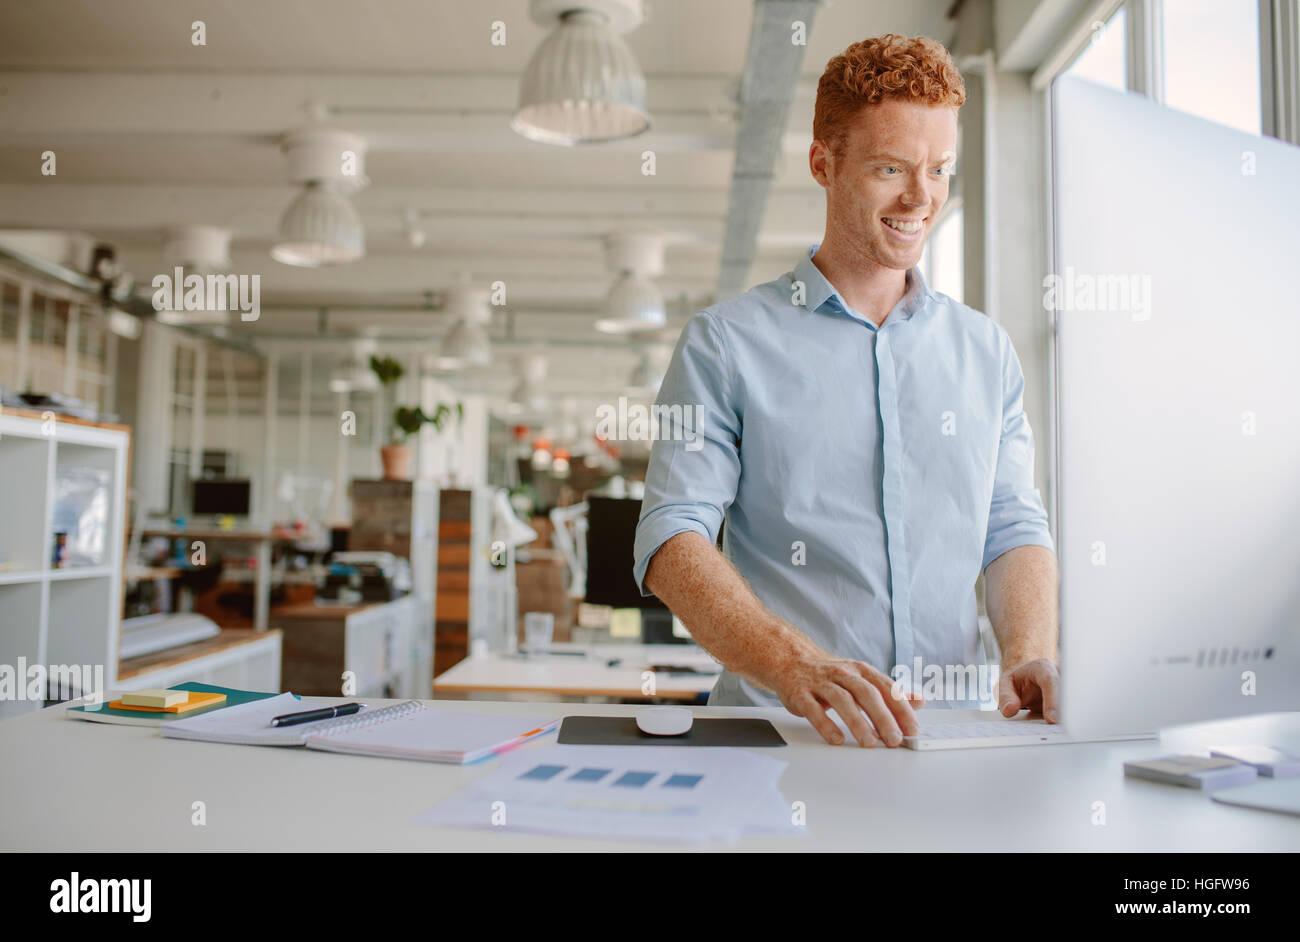 Colpo di felice giovane uomo in piedi alla sua scrivania e lavorare sul computer. Imprenditore lavora in un ufficio Immagini Stock